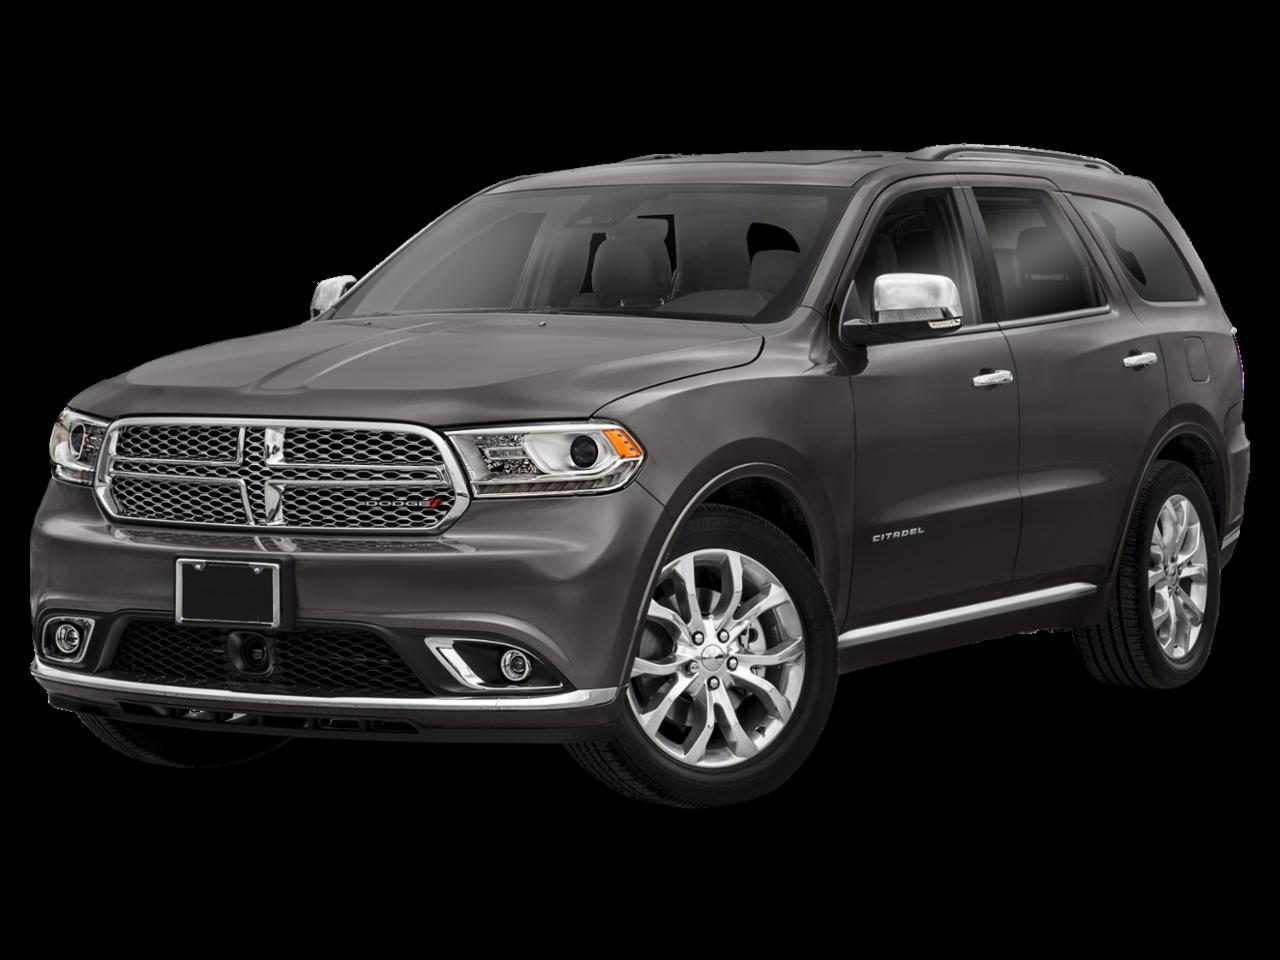 Dodge 2020 Durango Citadel Anodized Platinum